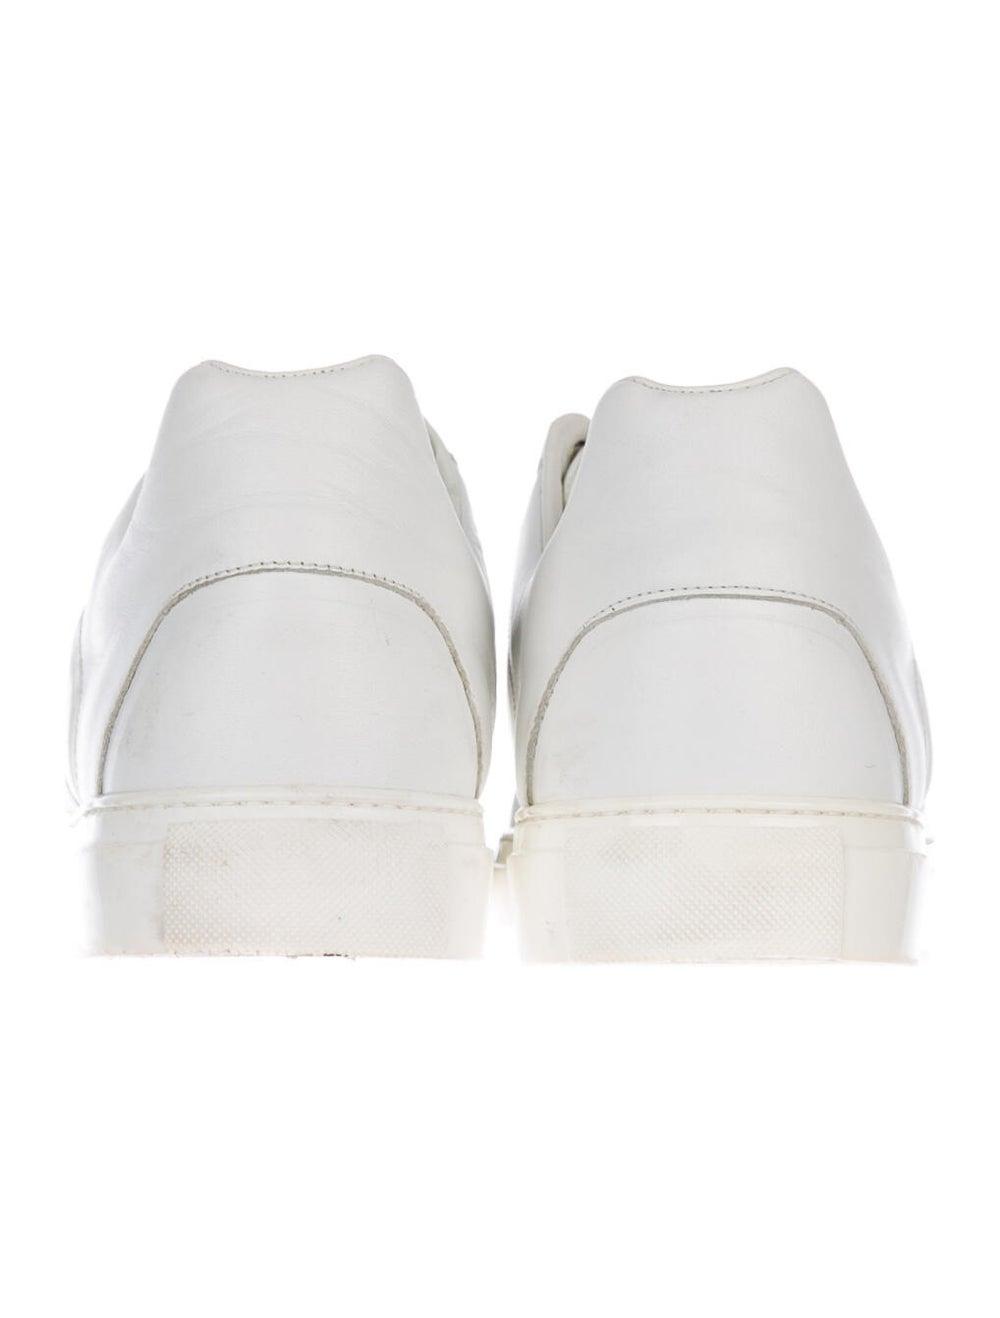 Balenciaga Leather Sneakers White - image 4